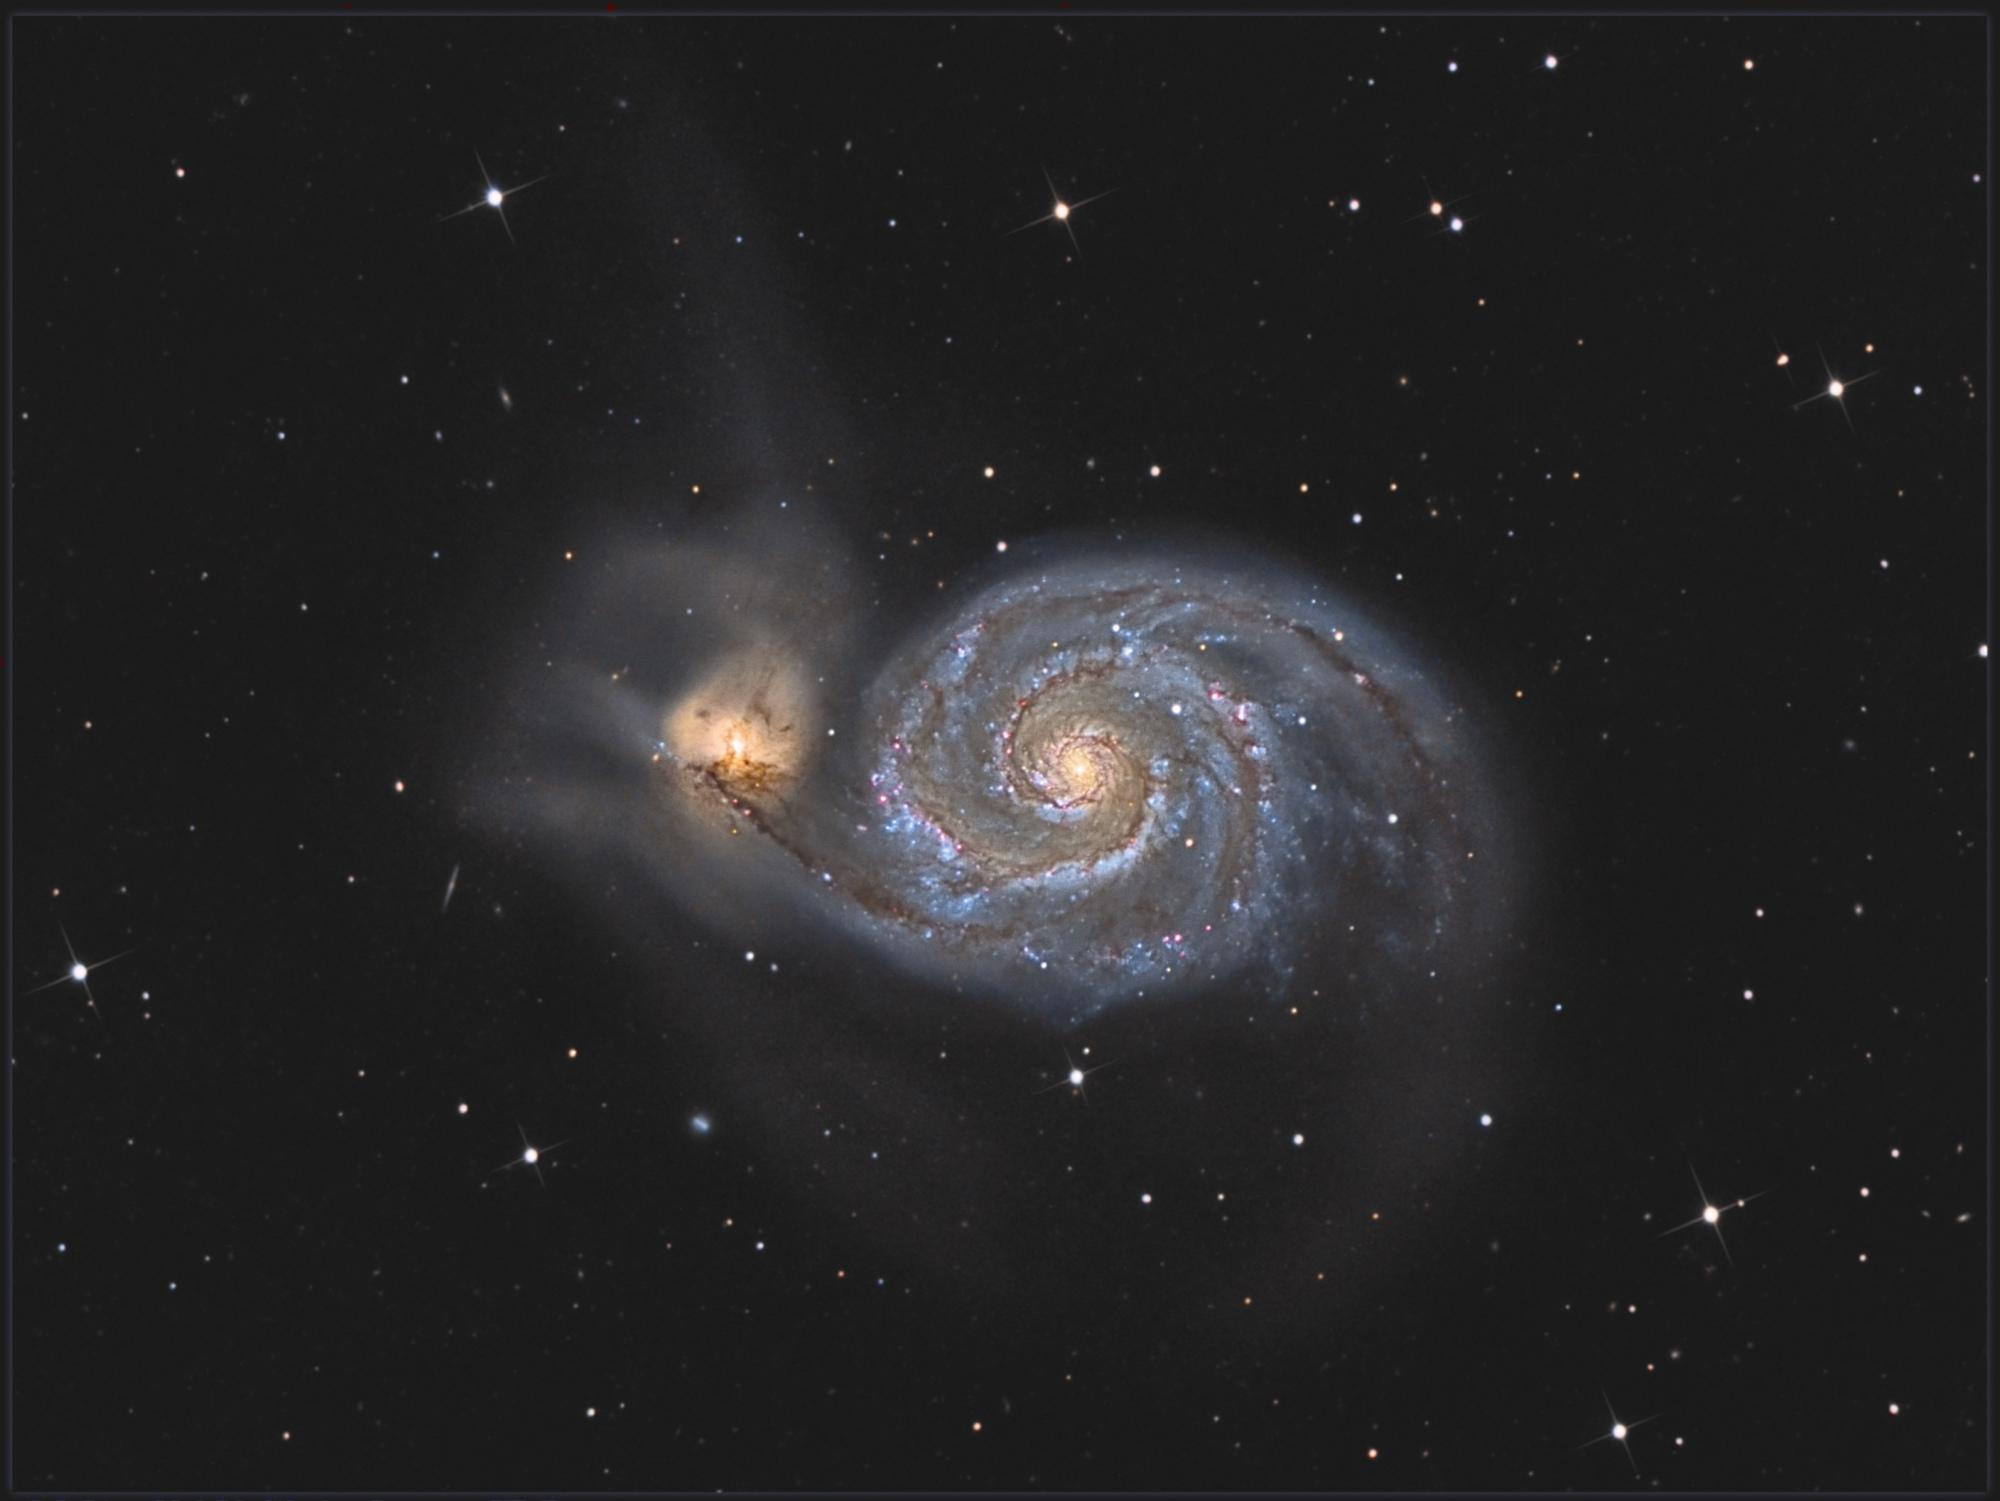 M51-Ha-web5.thumb.jpg.81640414392ce312ed85f346188fb617.jpg